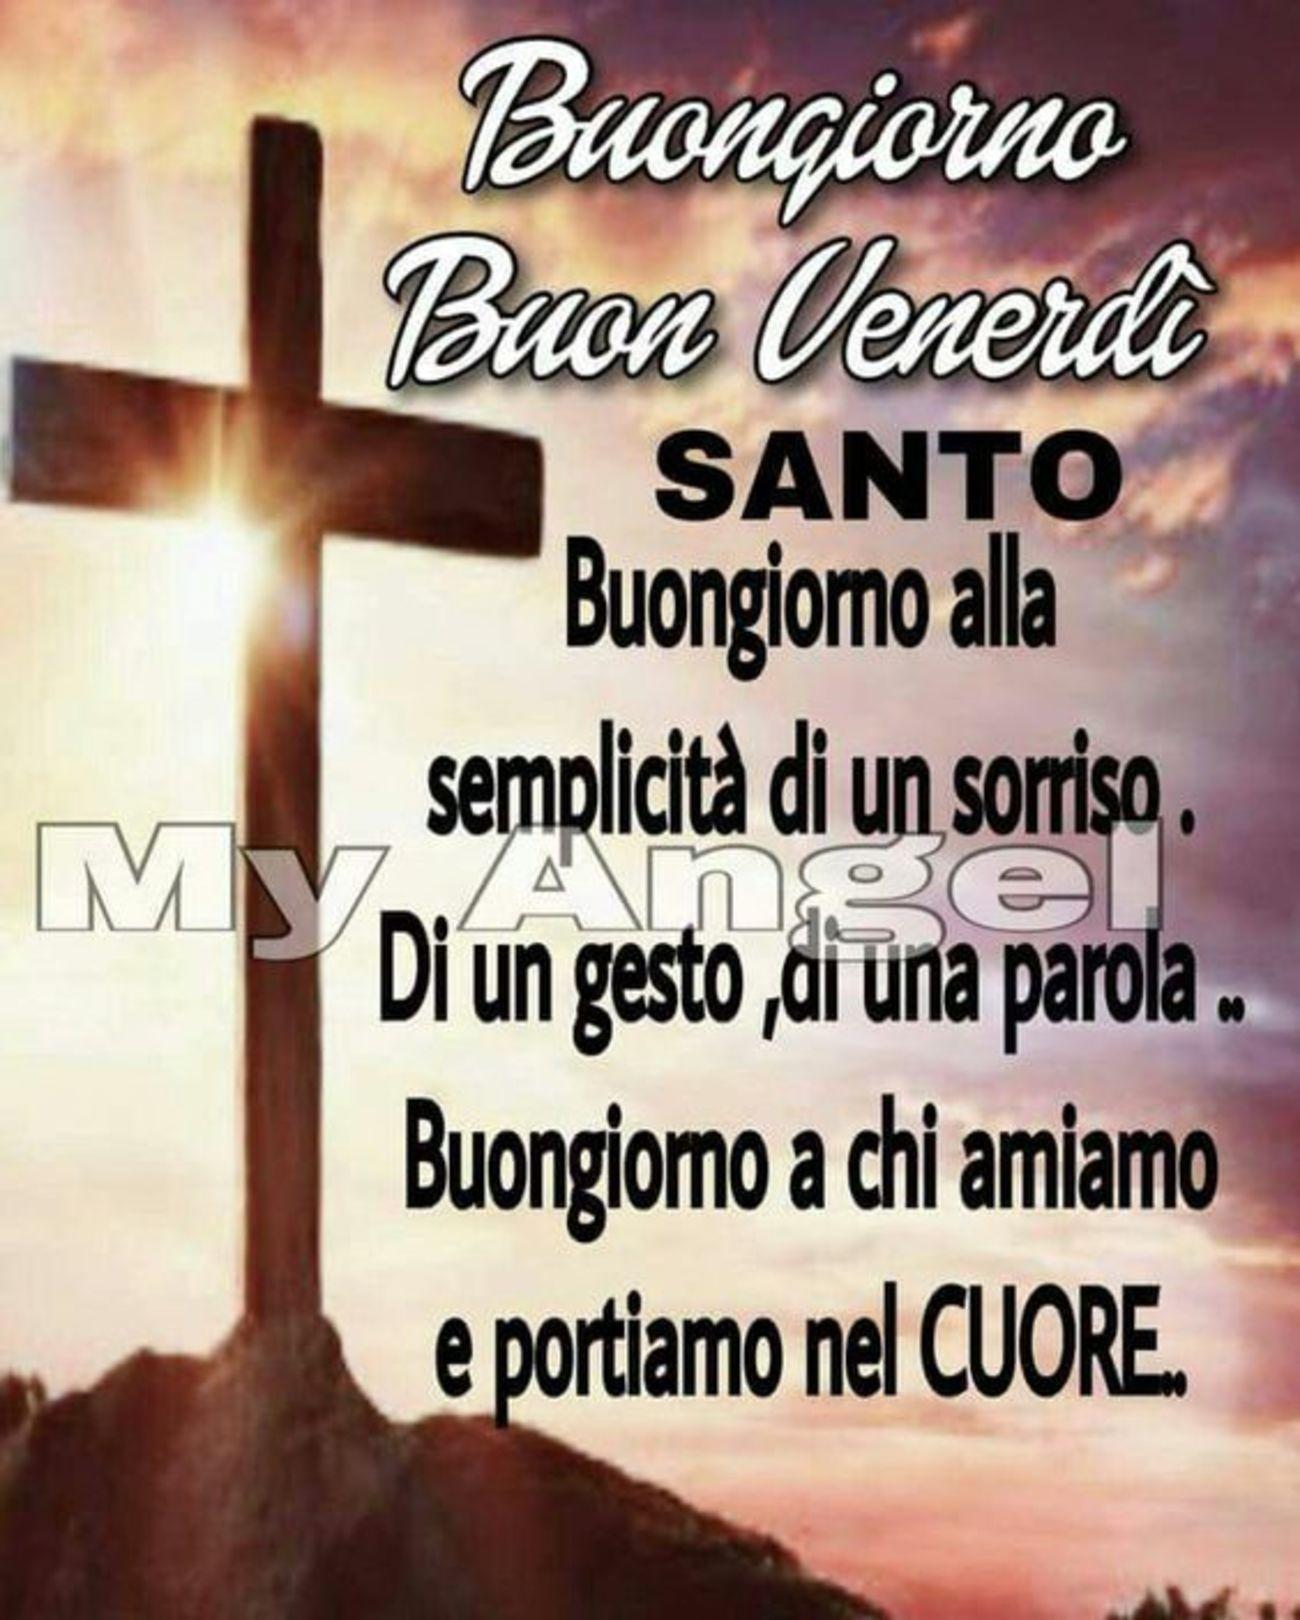 Buon Venerdì Santo Frasi Gesutiamait